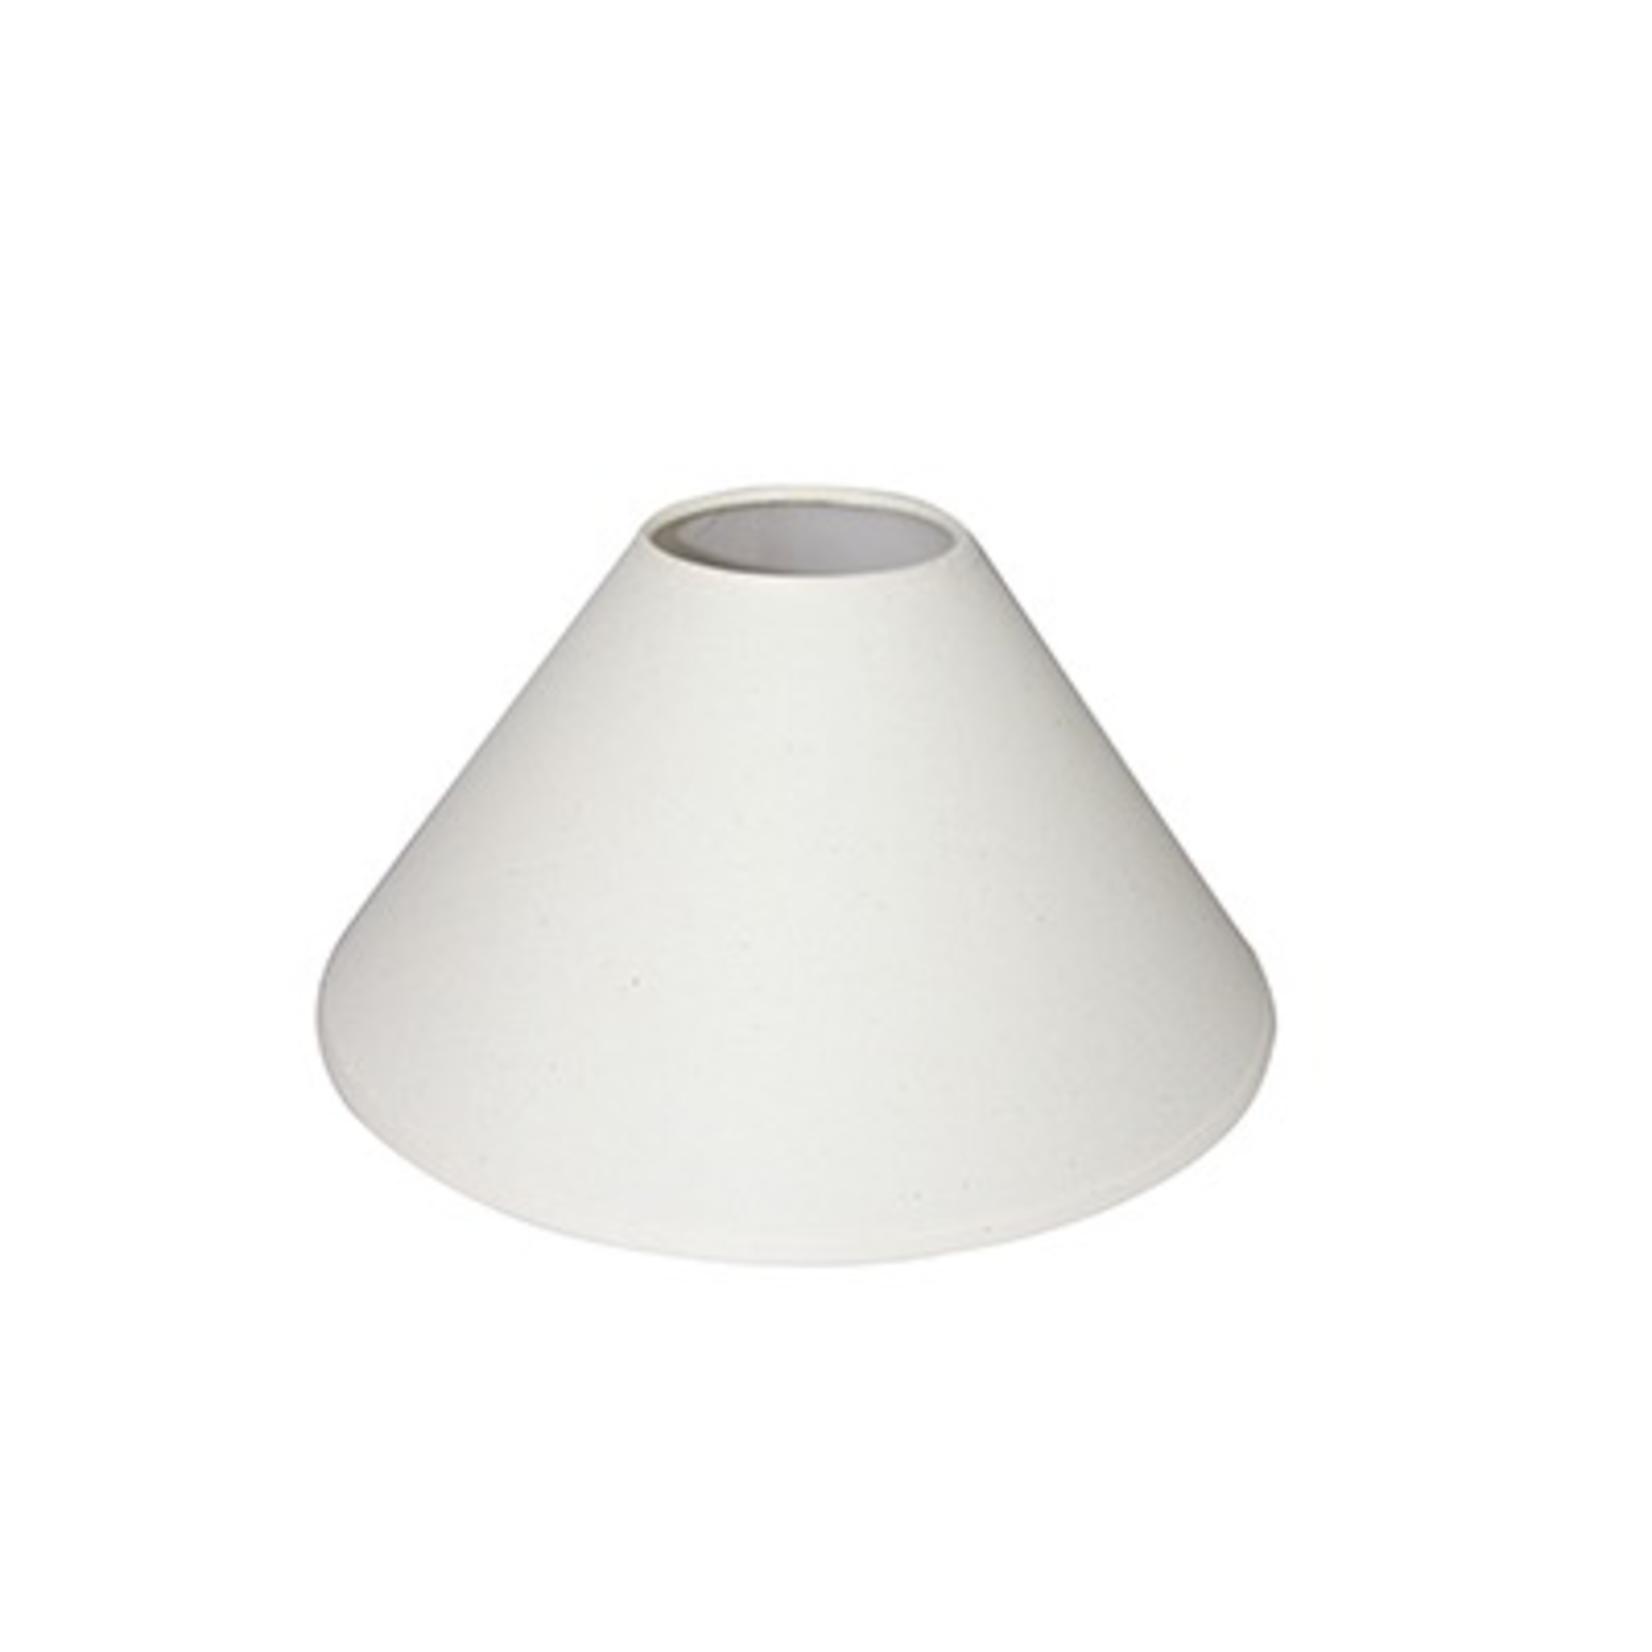 CHEHOMA Lamp Shade